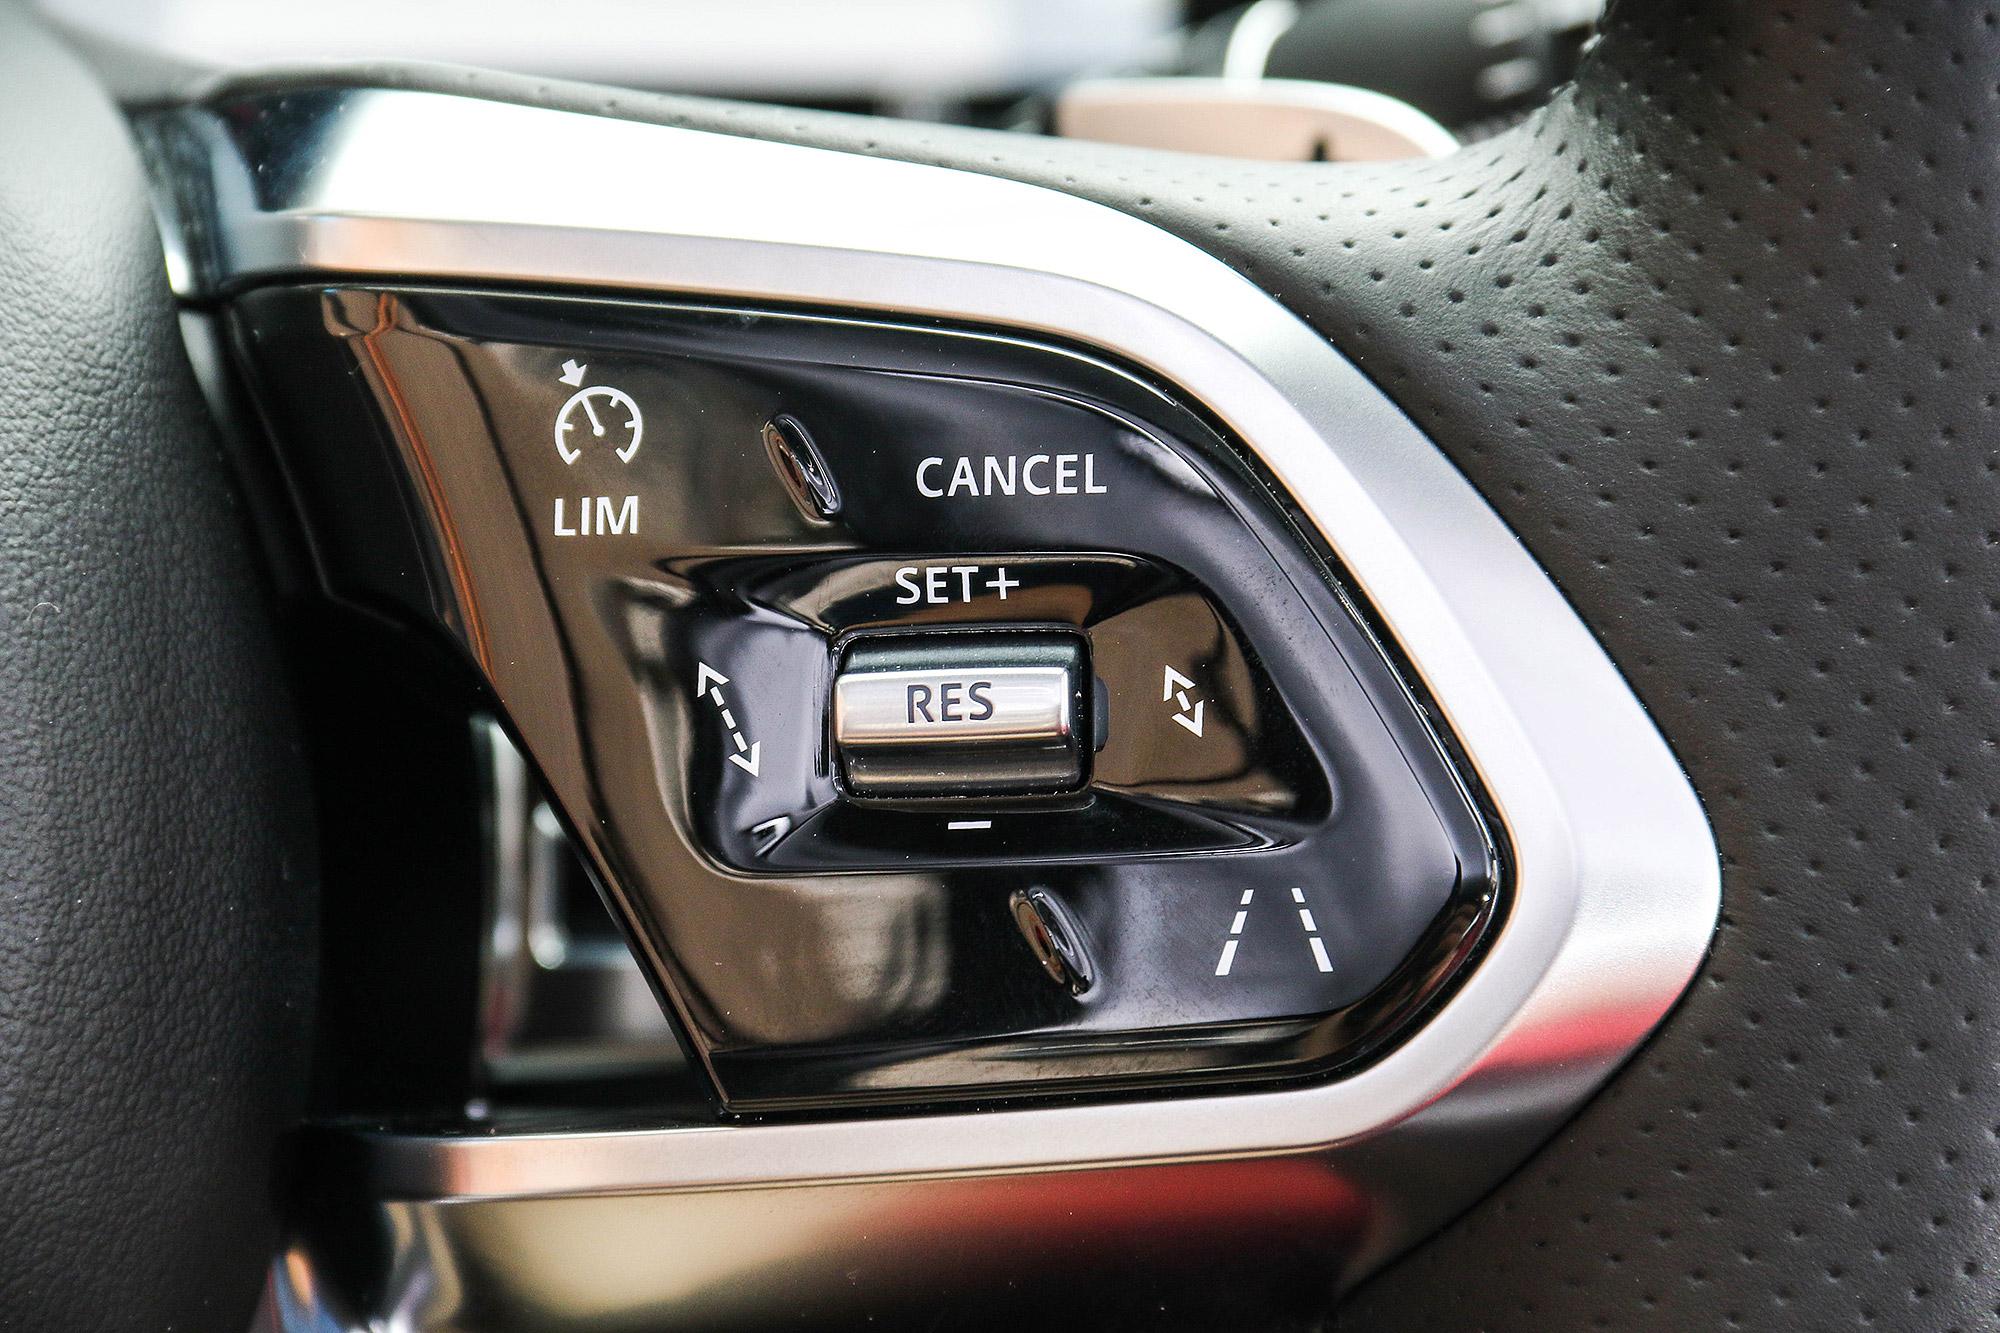 標配 ACC 主動車距控制巡航系統與車道維持輔助系統。